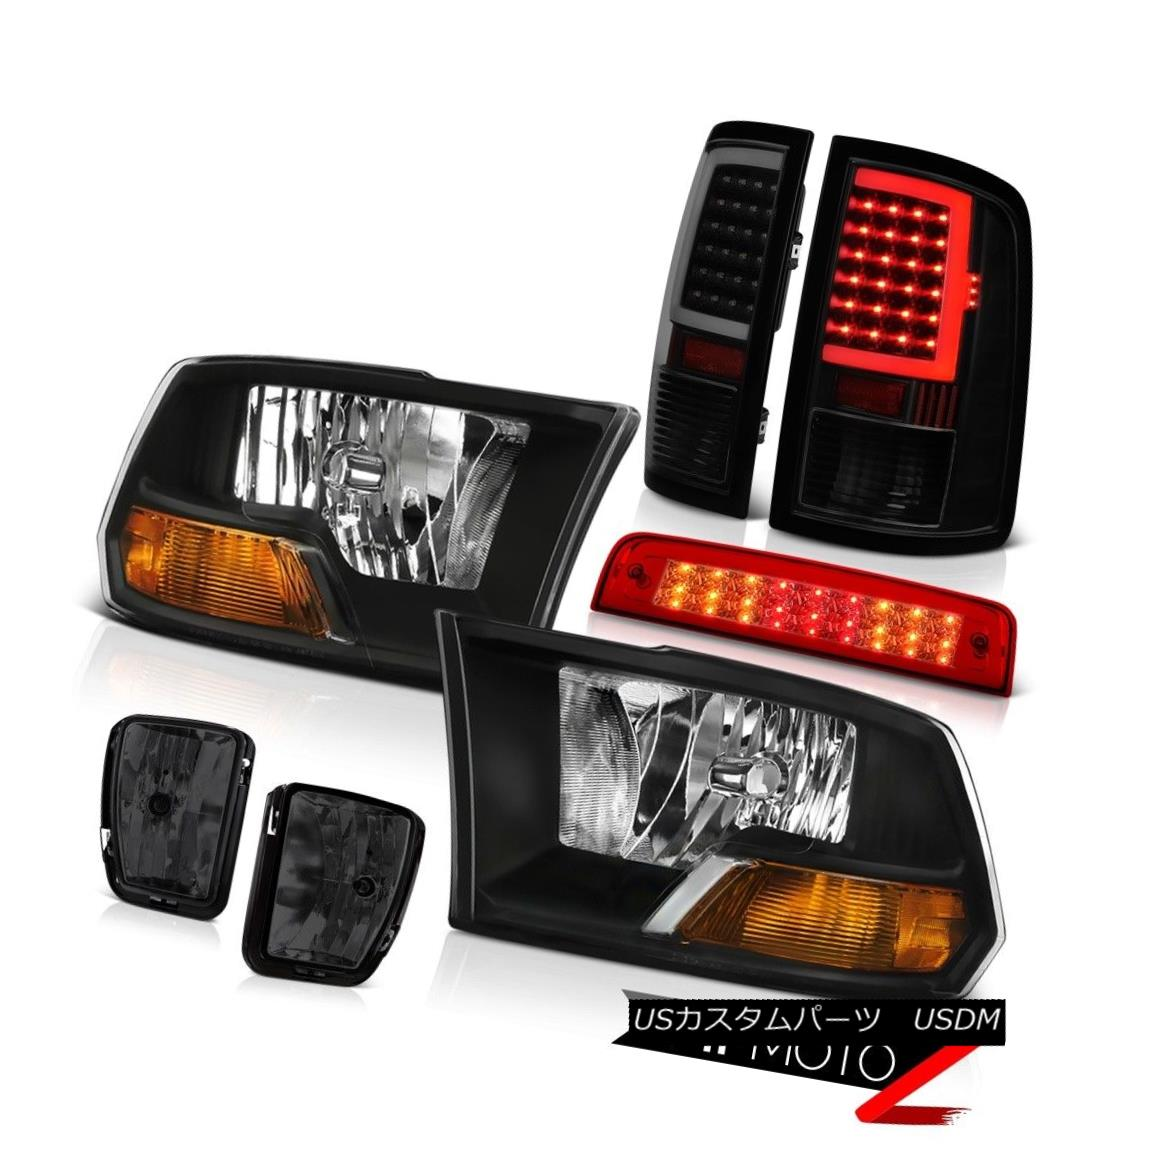 テールライト 2013-2018 Dodge RAM 1500 Tail Lights Brake Light Driving Lamp Factory Style Head 2013-2018 Dodge RAM 1500テールライトブレーキライト駆動ランプ工場スタイルヘッド